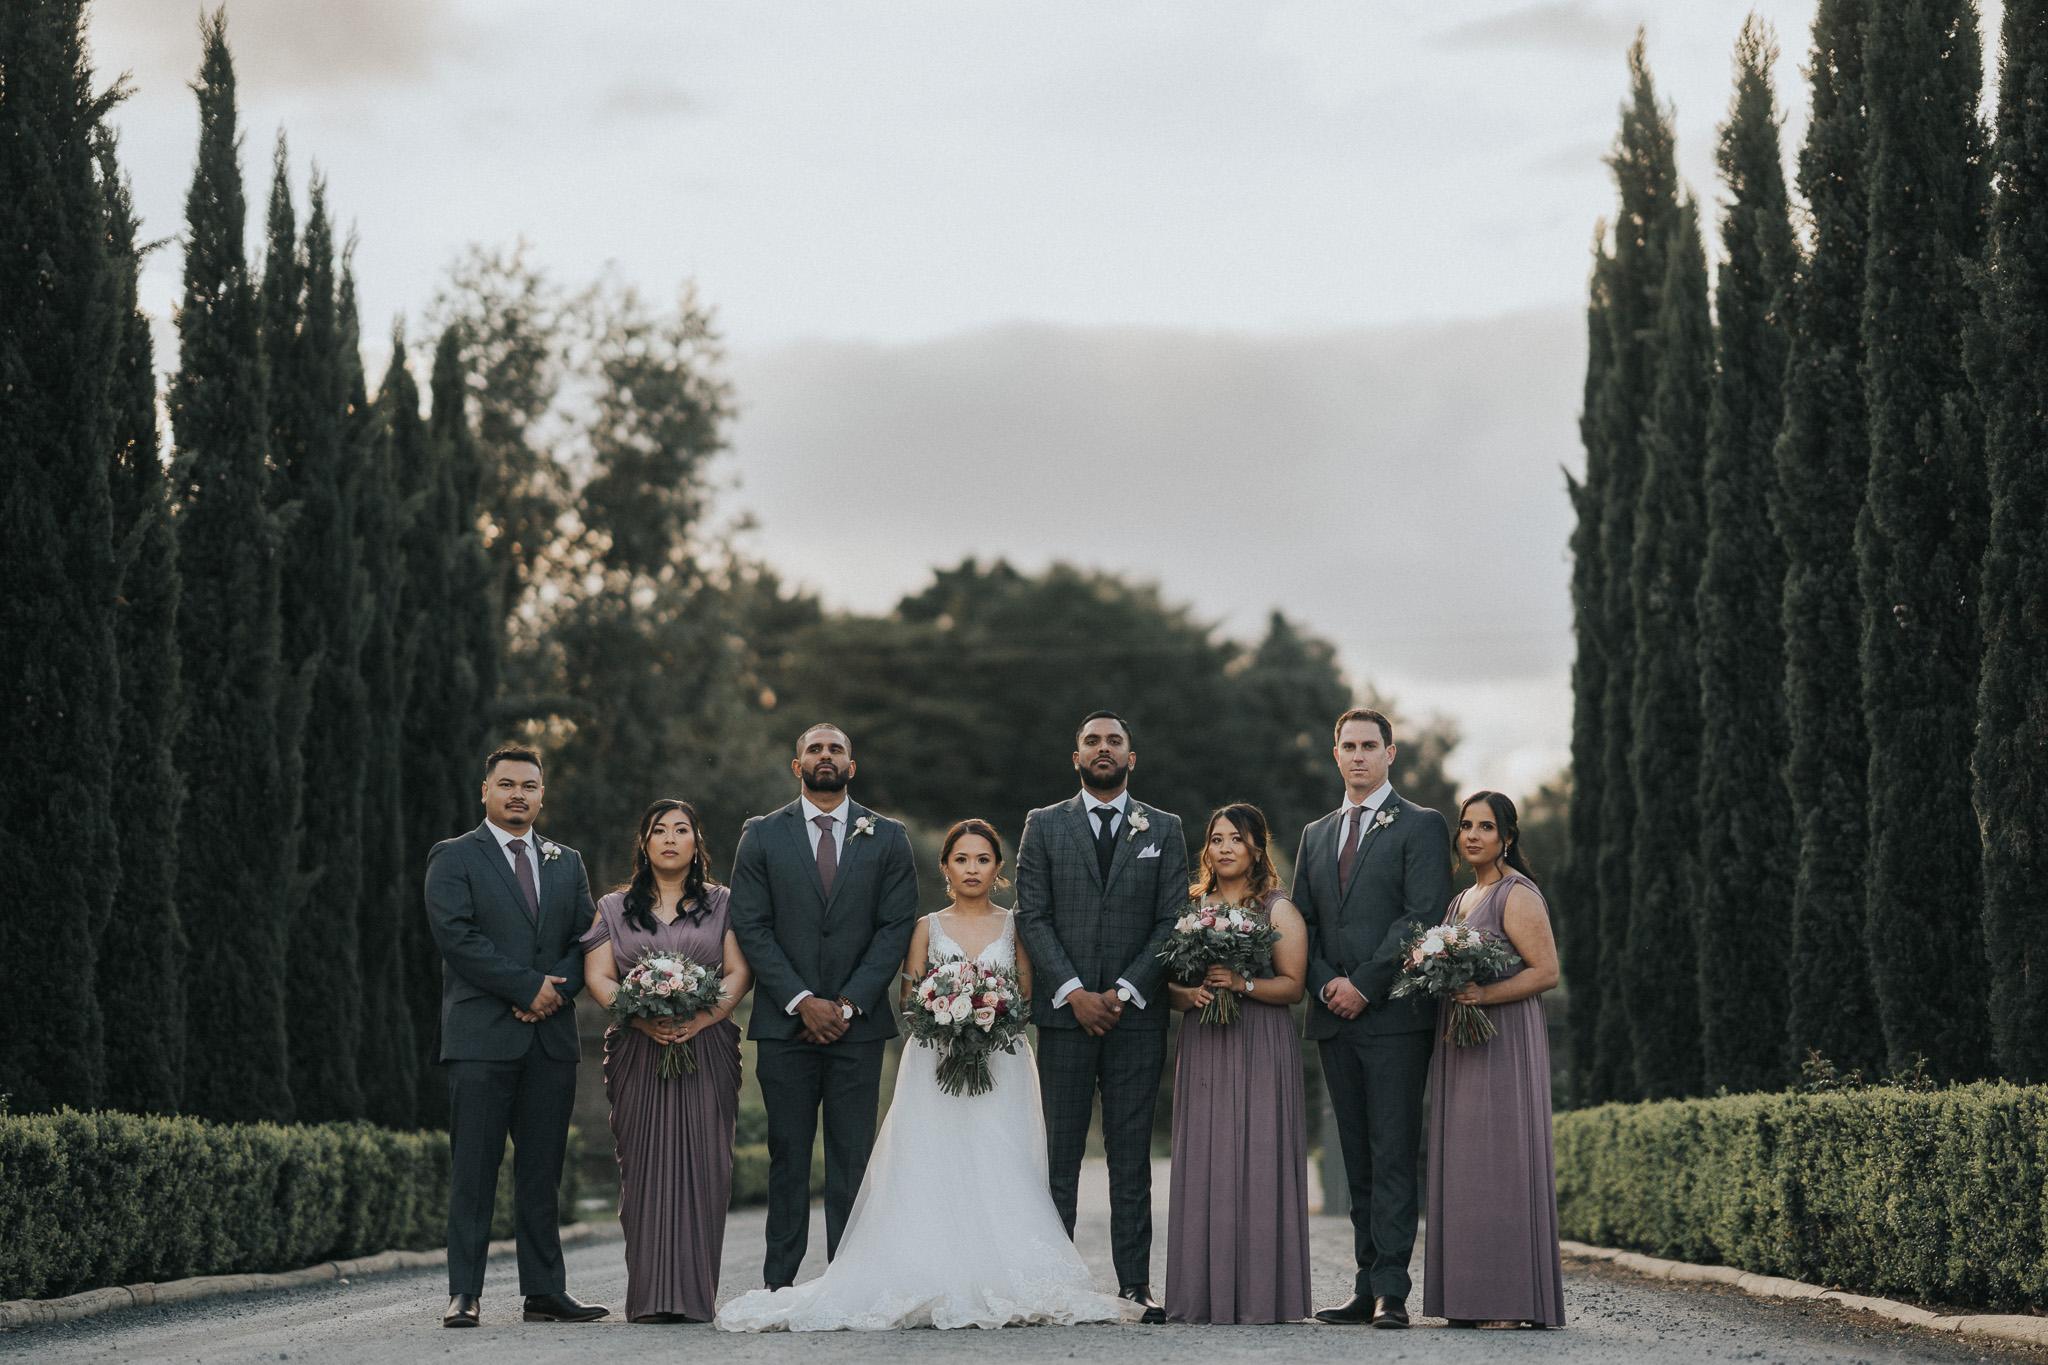 Immerse Yarra Valley Wedding Photo